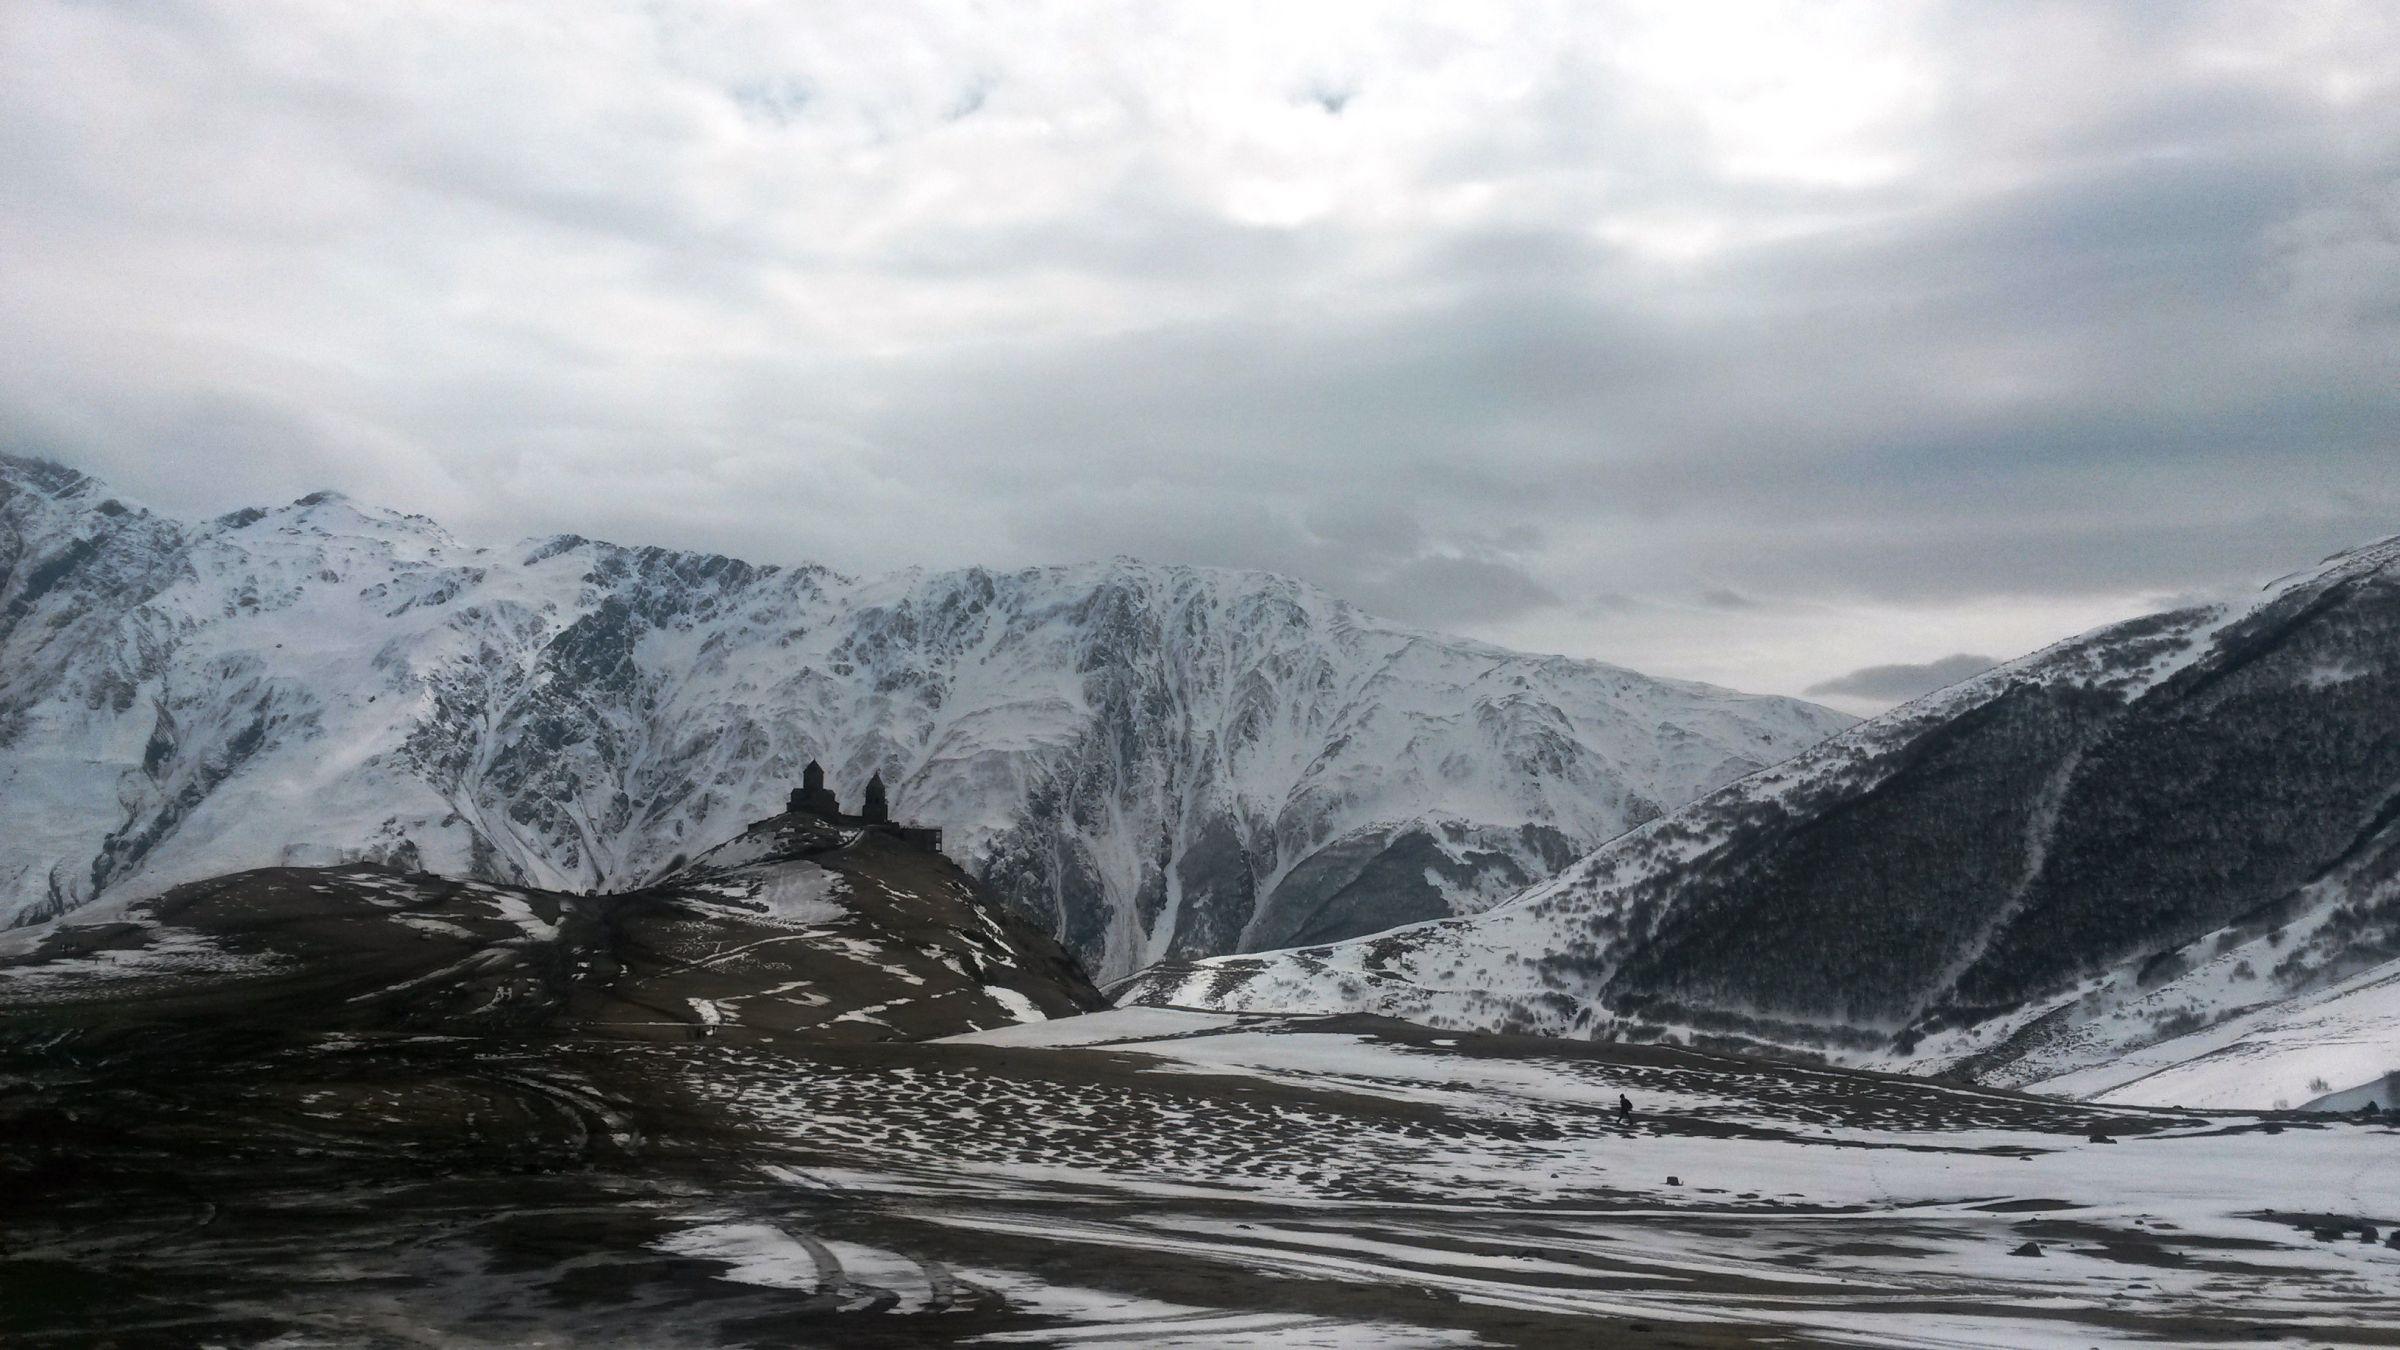 Ски-тур на Казбеке: Троицкая церковь